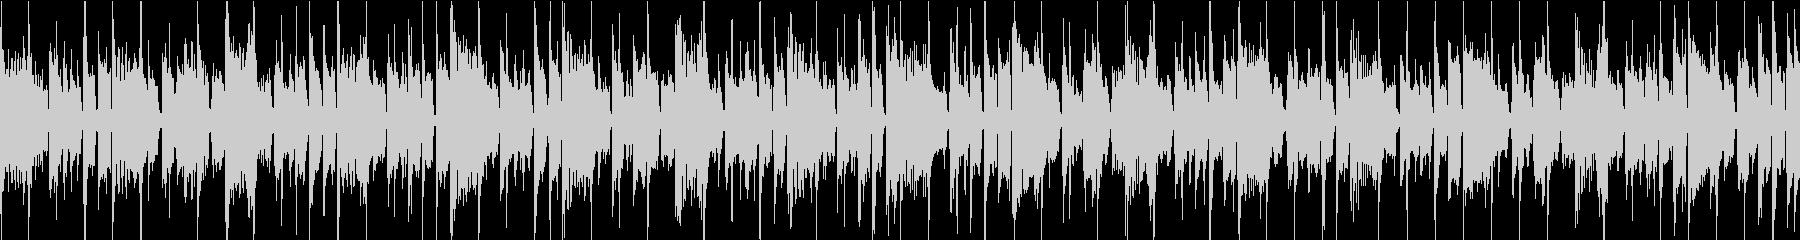 オシャレでダンサブルなファンク ループの未再生の波形